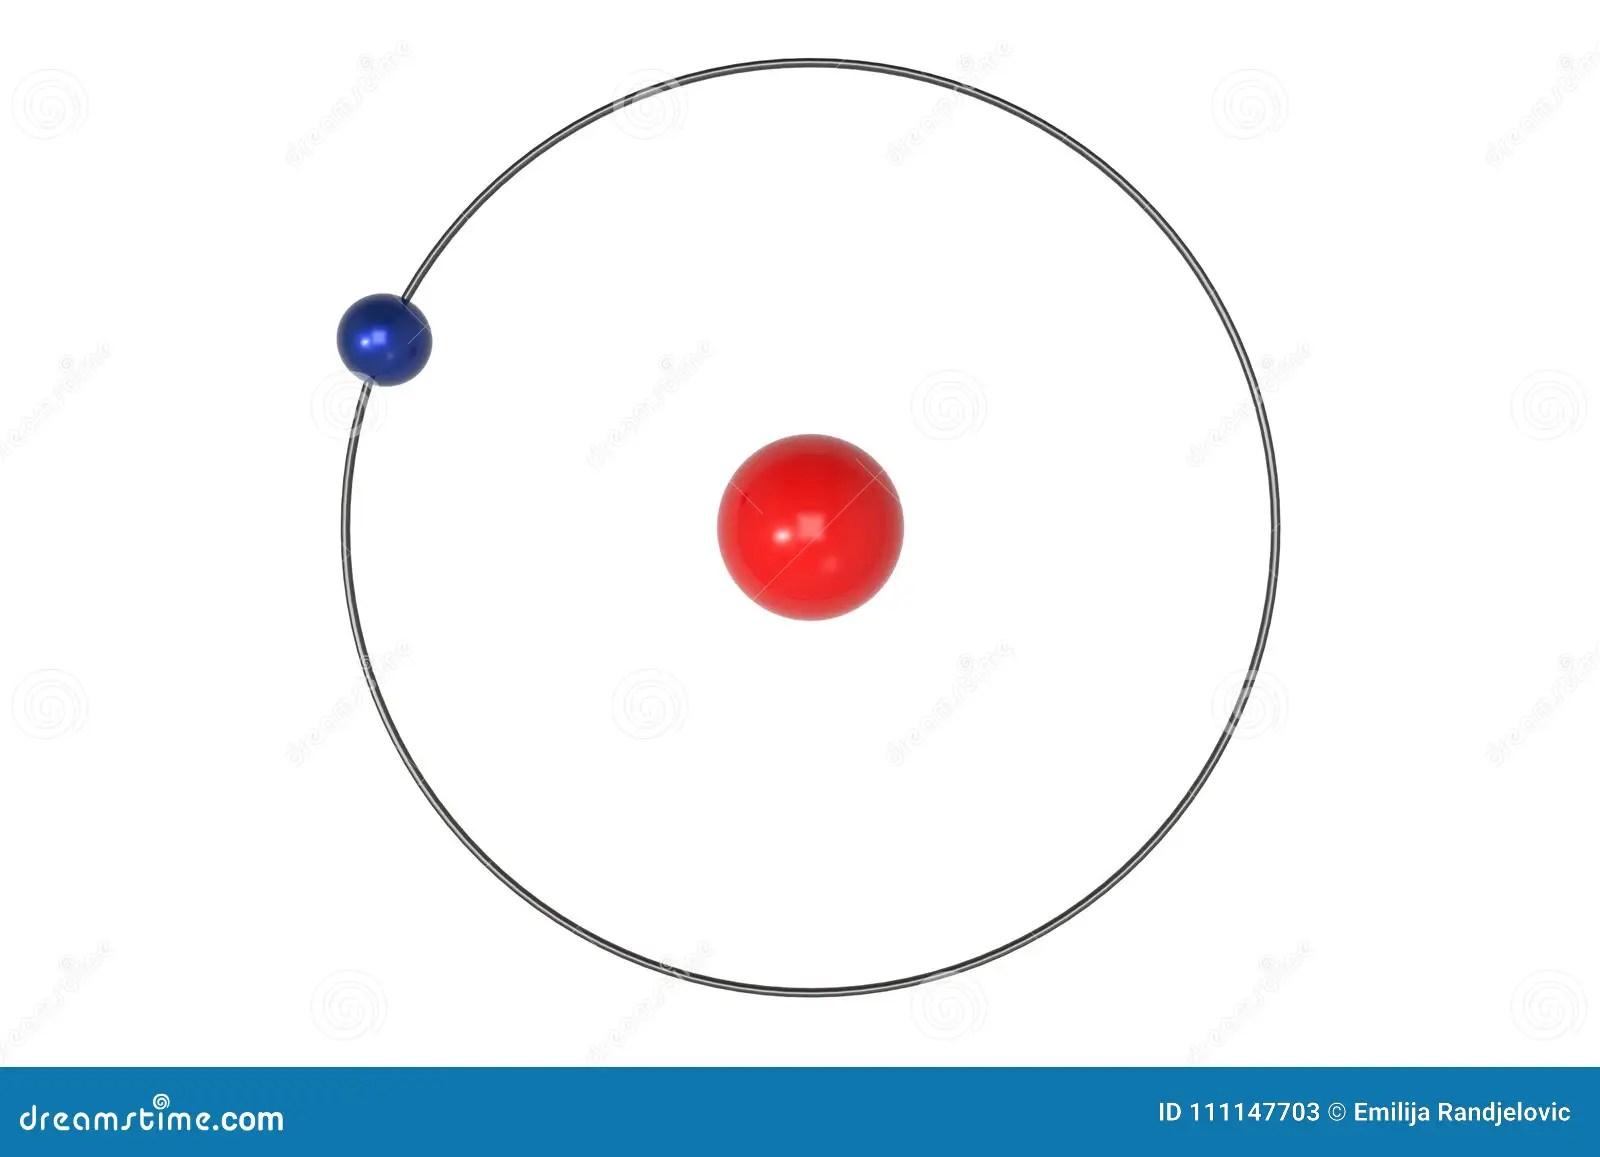 Wasserstoff Atom Bohr Modell Mit Proton Neutron Und